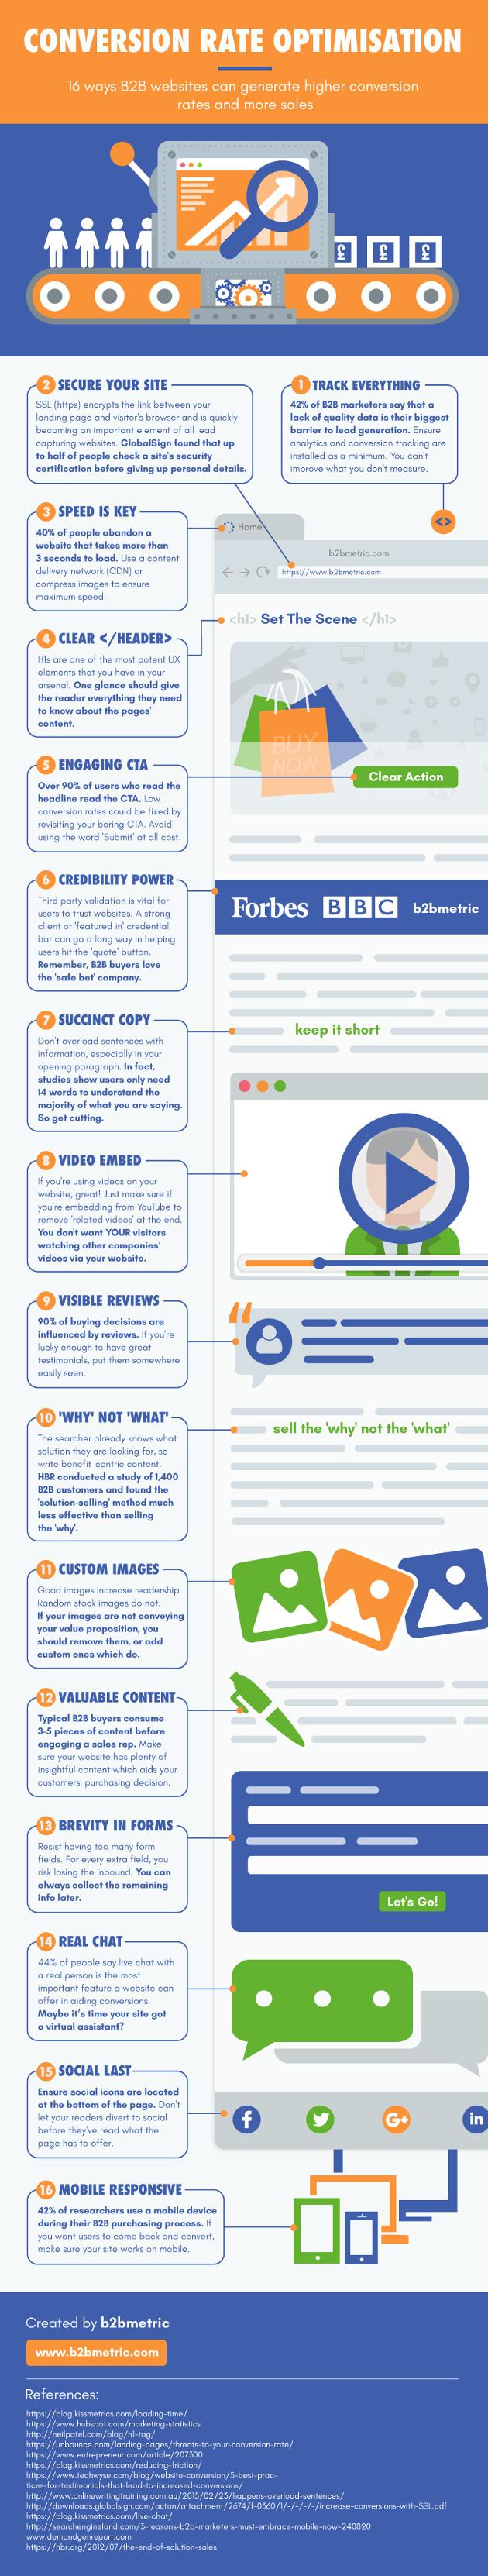 16 dicas para aumentar a conversão no seu website b2b